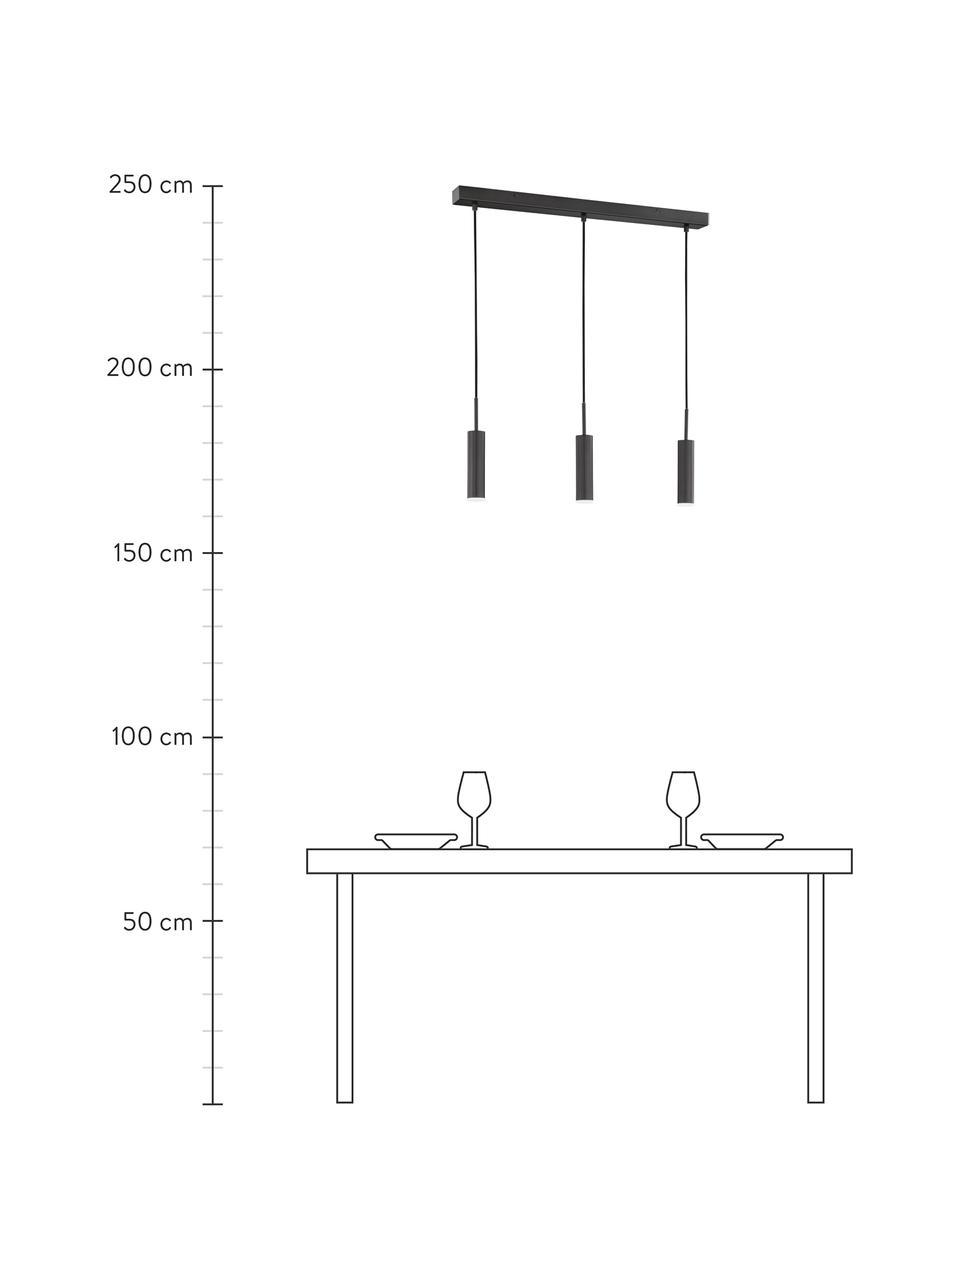 Dimmbare LED-Pendelleuchte Stina, Lampenschirm: Metall, beschichtet, Baldachin: Metall, beschichtet, Schwarz, matt, 70 x 24 cm